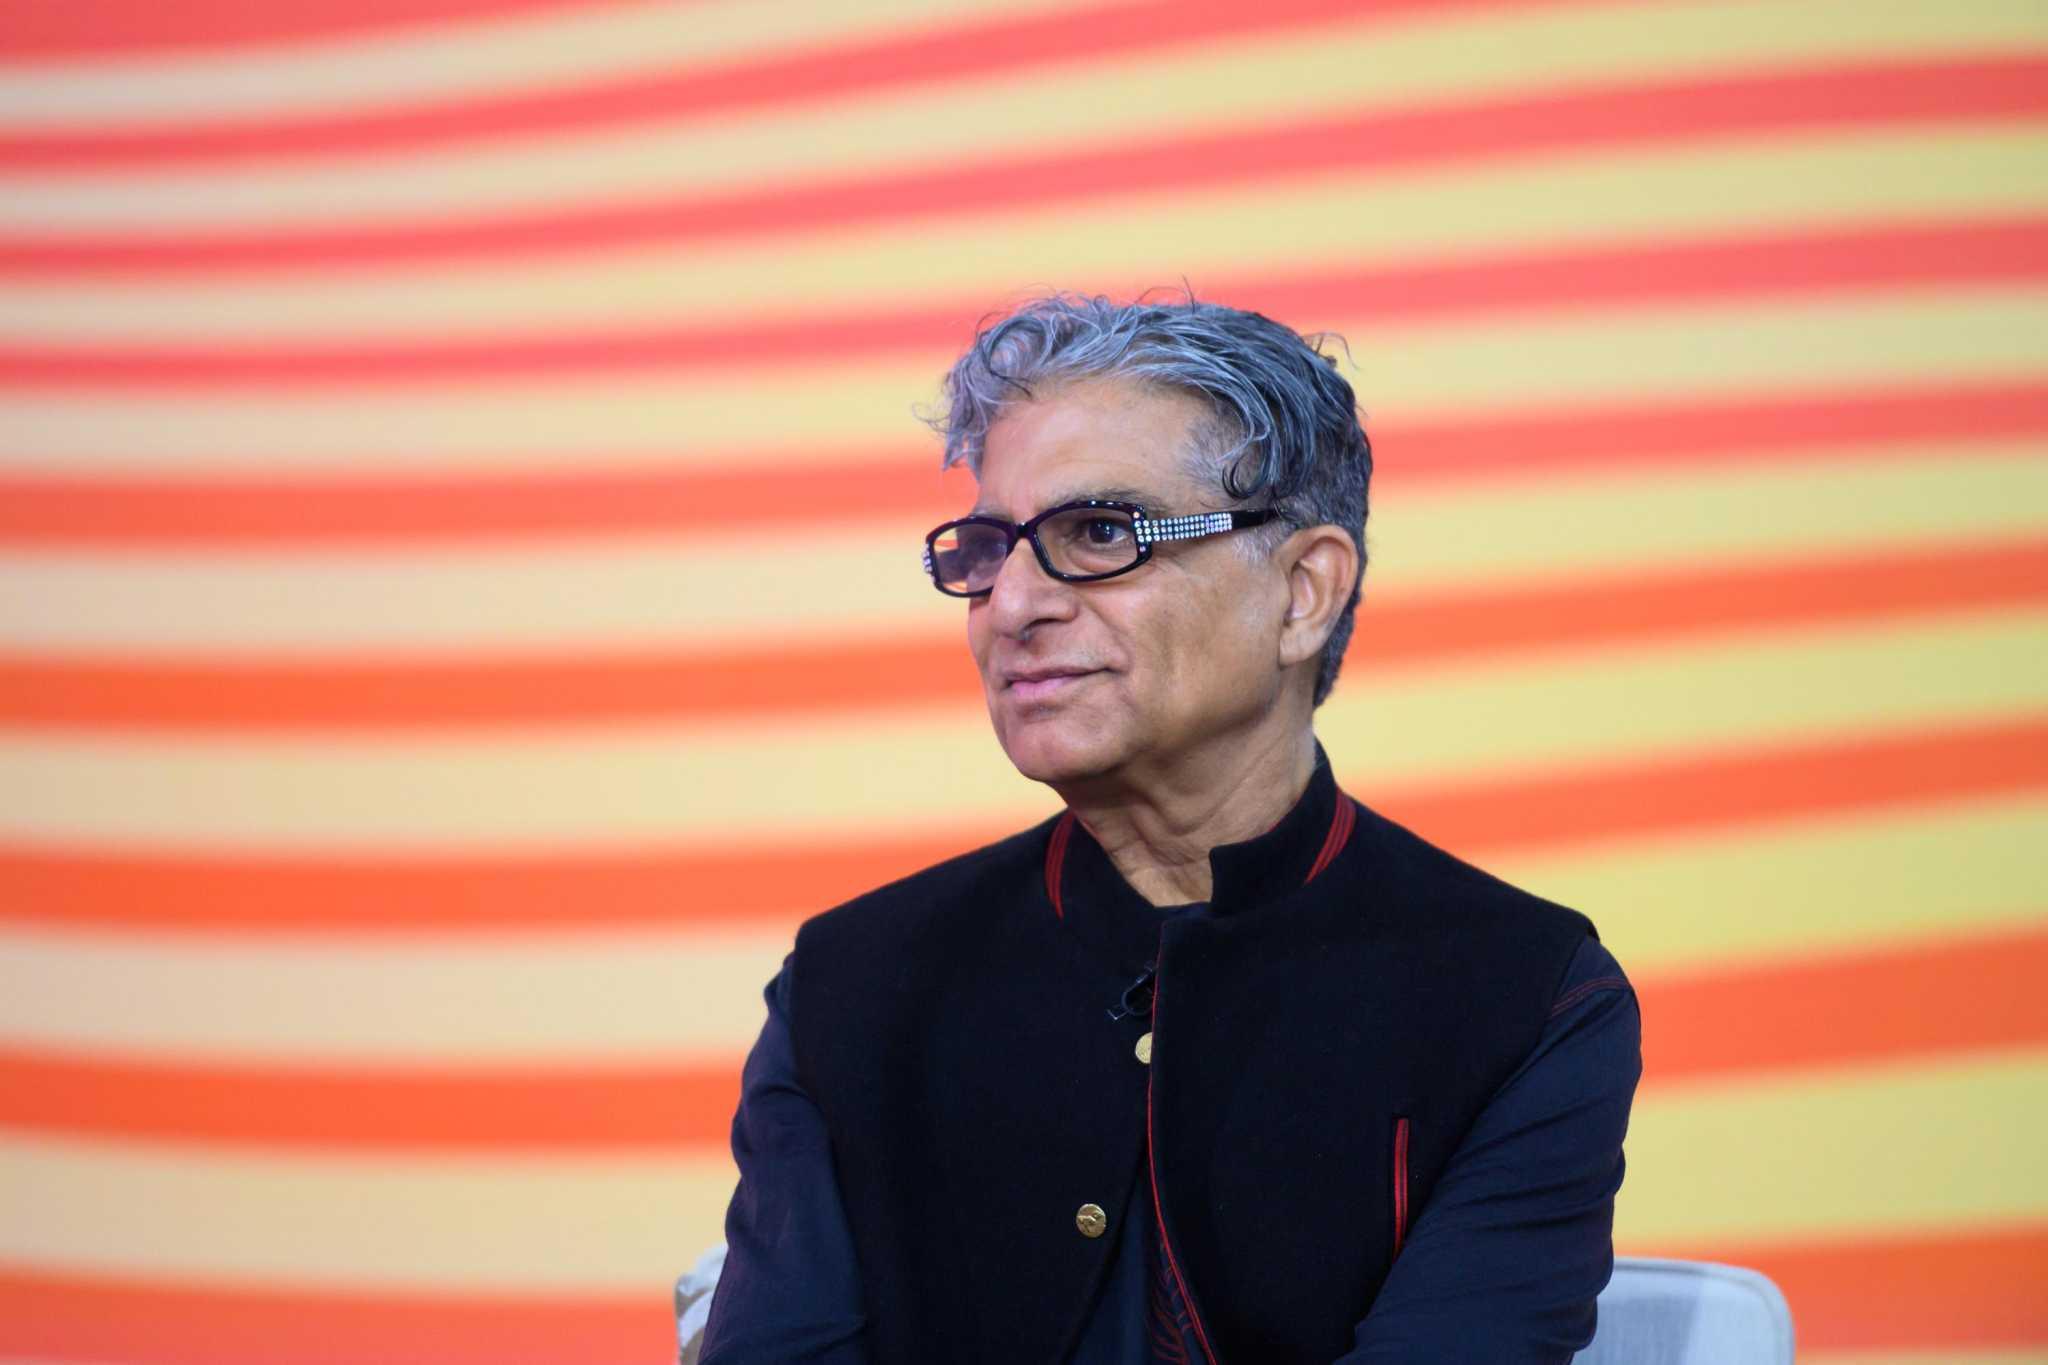 Deepak Chopra ponders what it means to be human